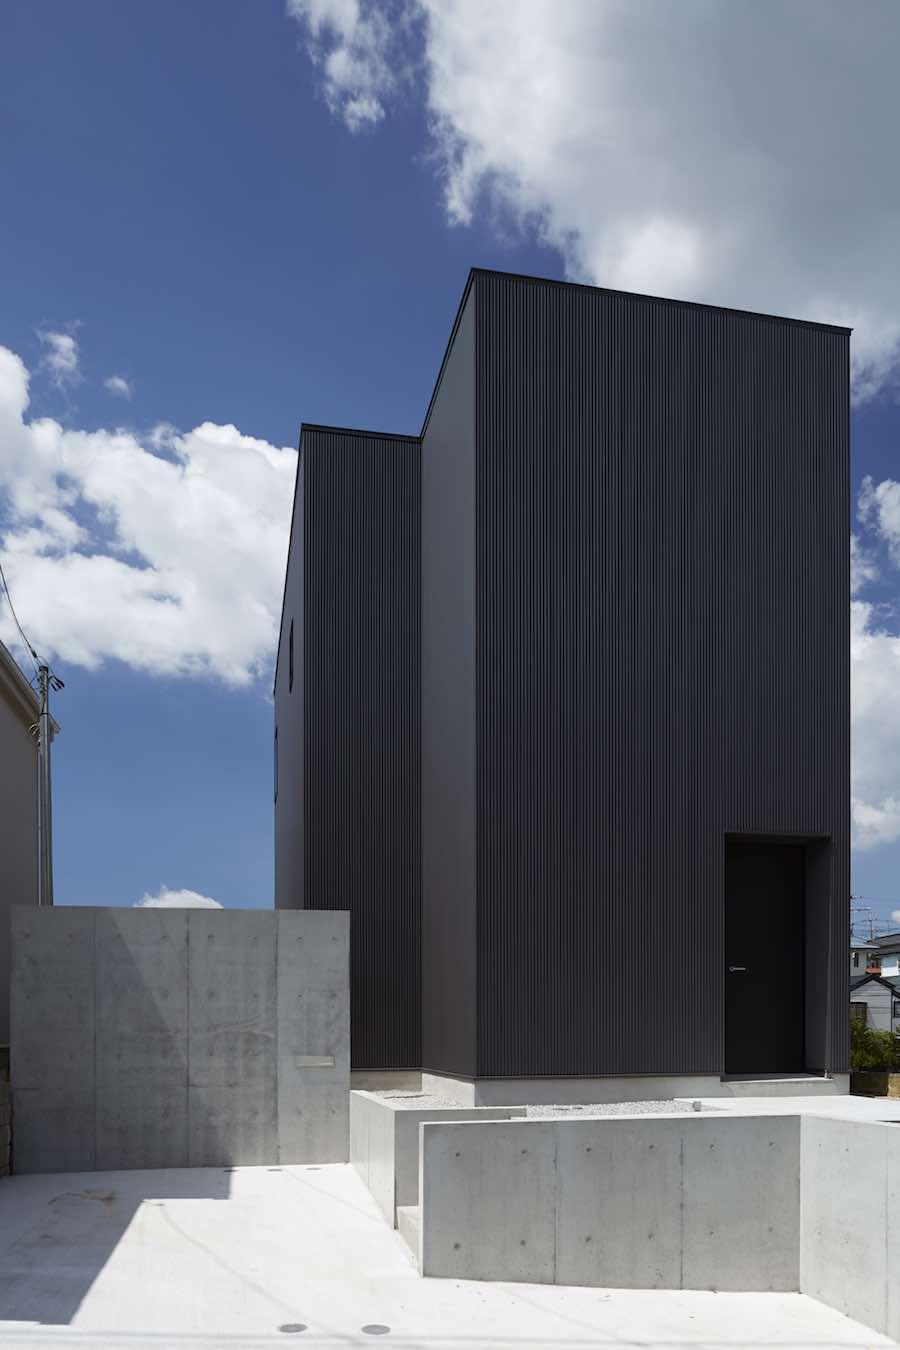 TAKATINA Black Box House: photo by Mikiko Kikuyama - Courtesy of Takatina.